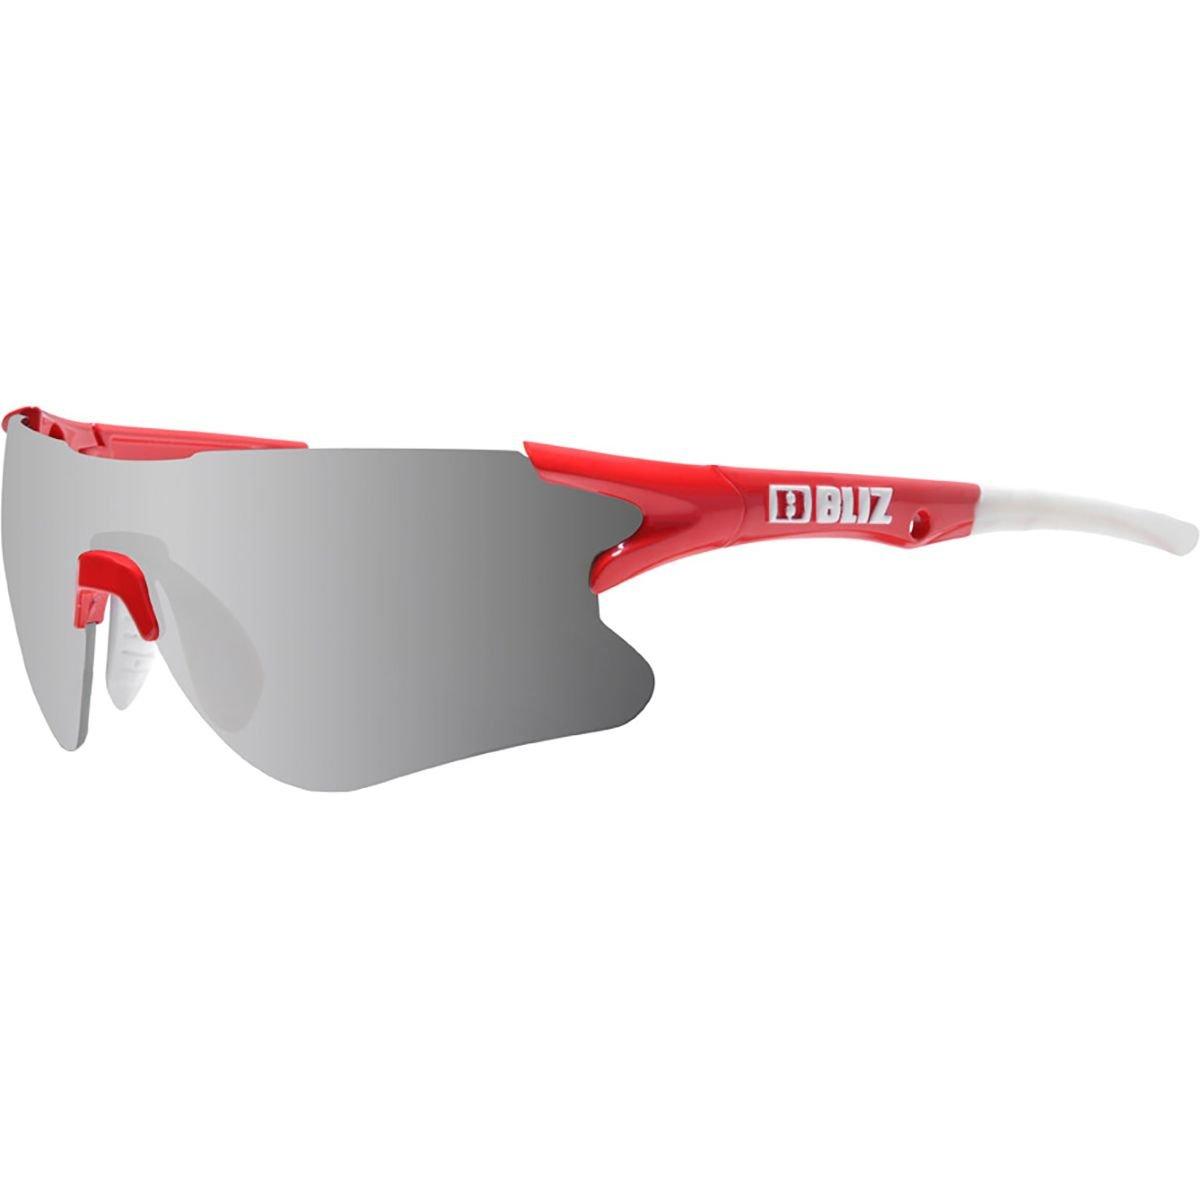 Bliz Tempo Small Fit Sunglasses Smoke Lens with Multi Red Mirror - Silver/Black 4ceDO